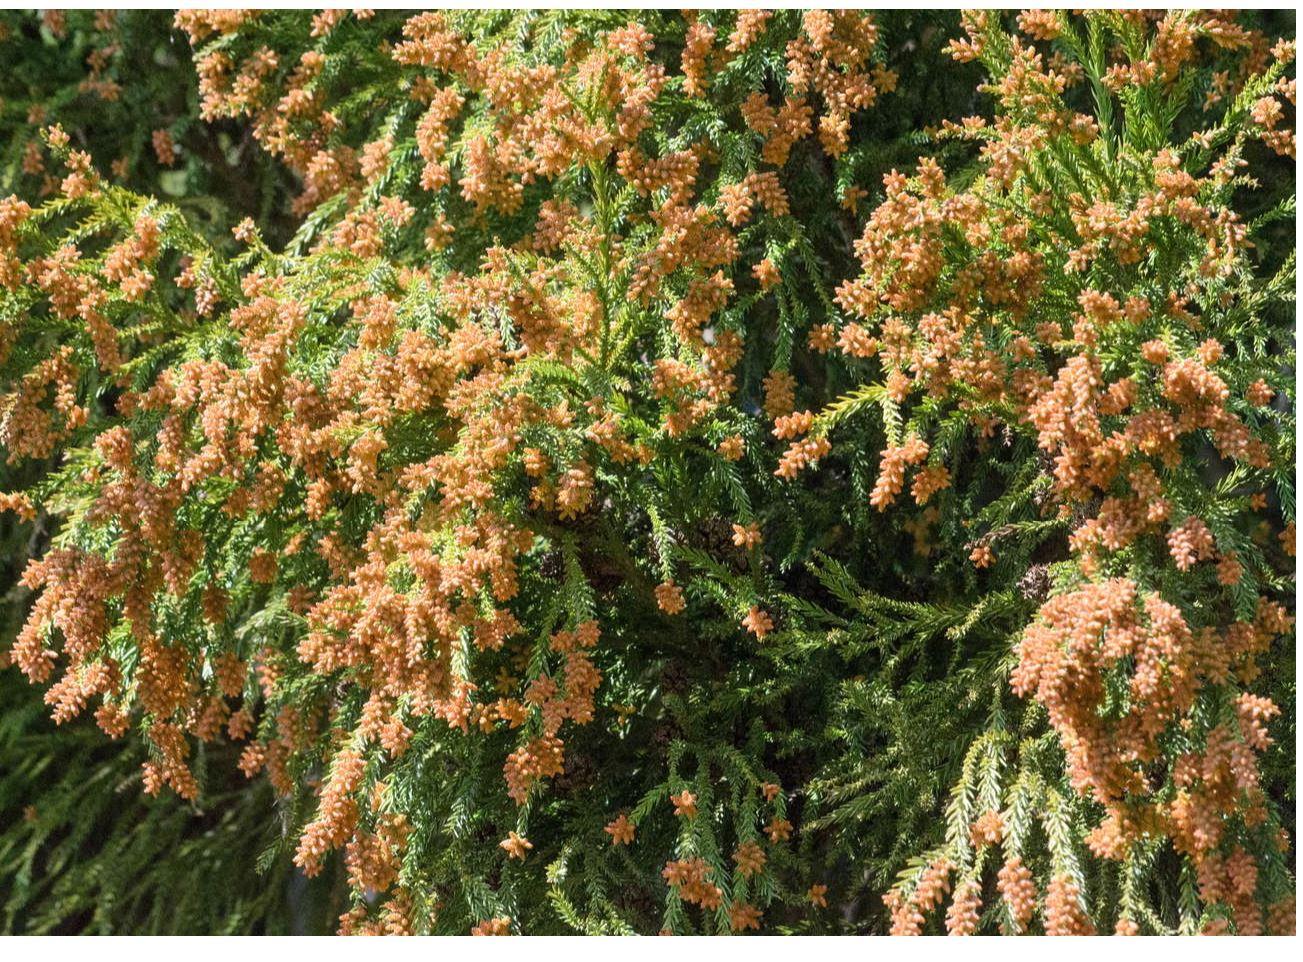 花粉症の時期 スギ ヒノキ 頭痛 喉や皮膚のかゆみ